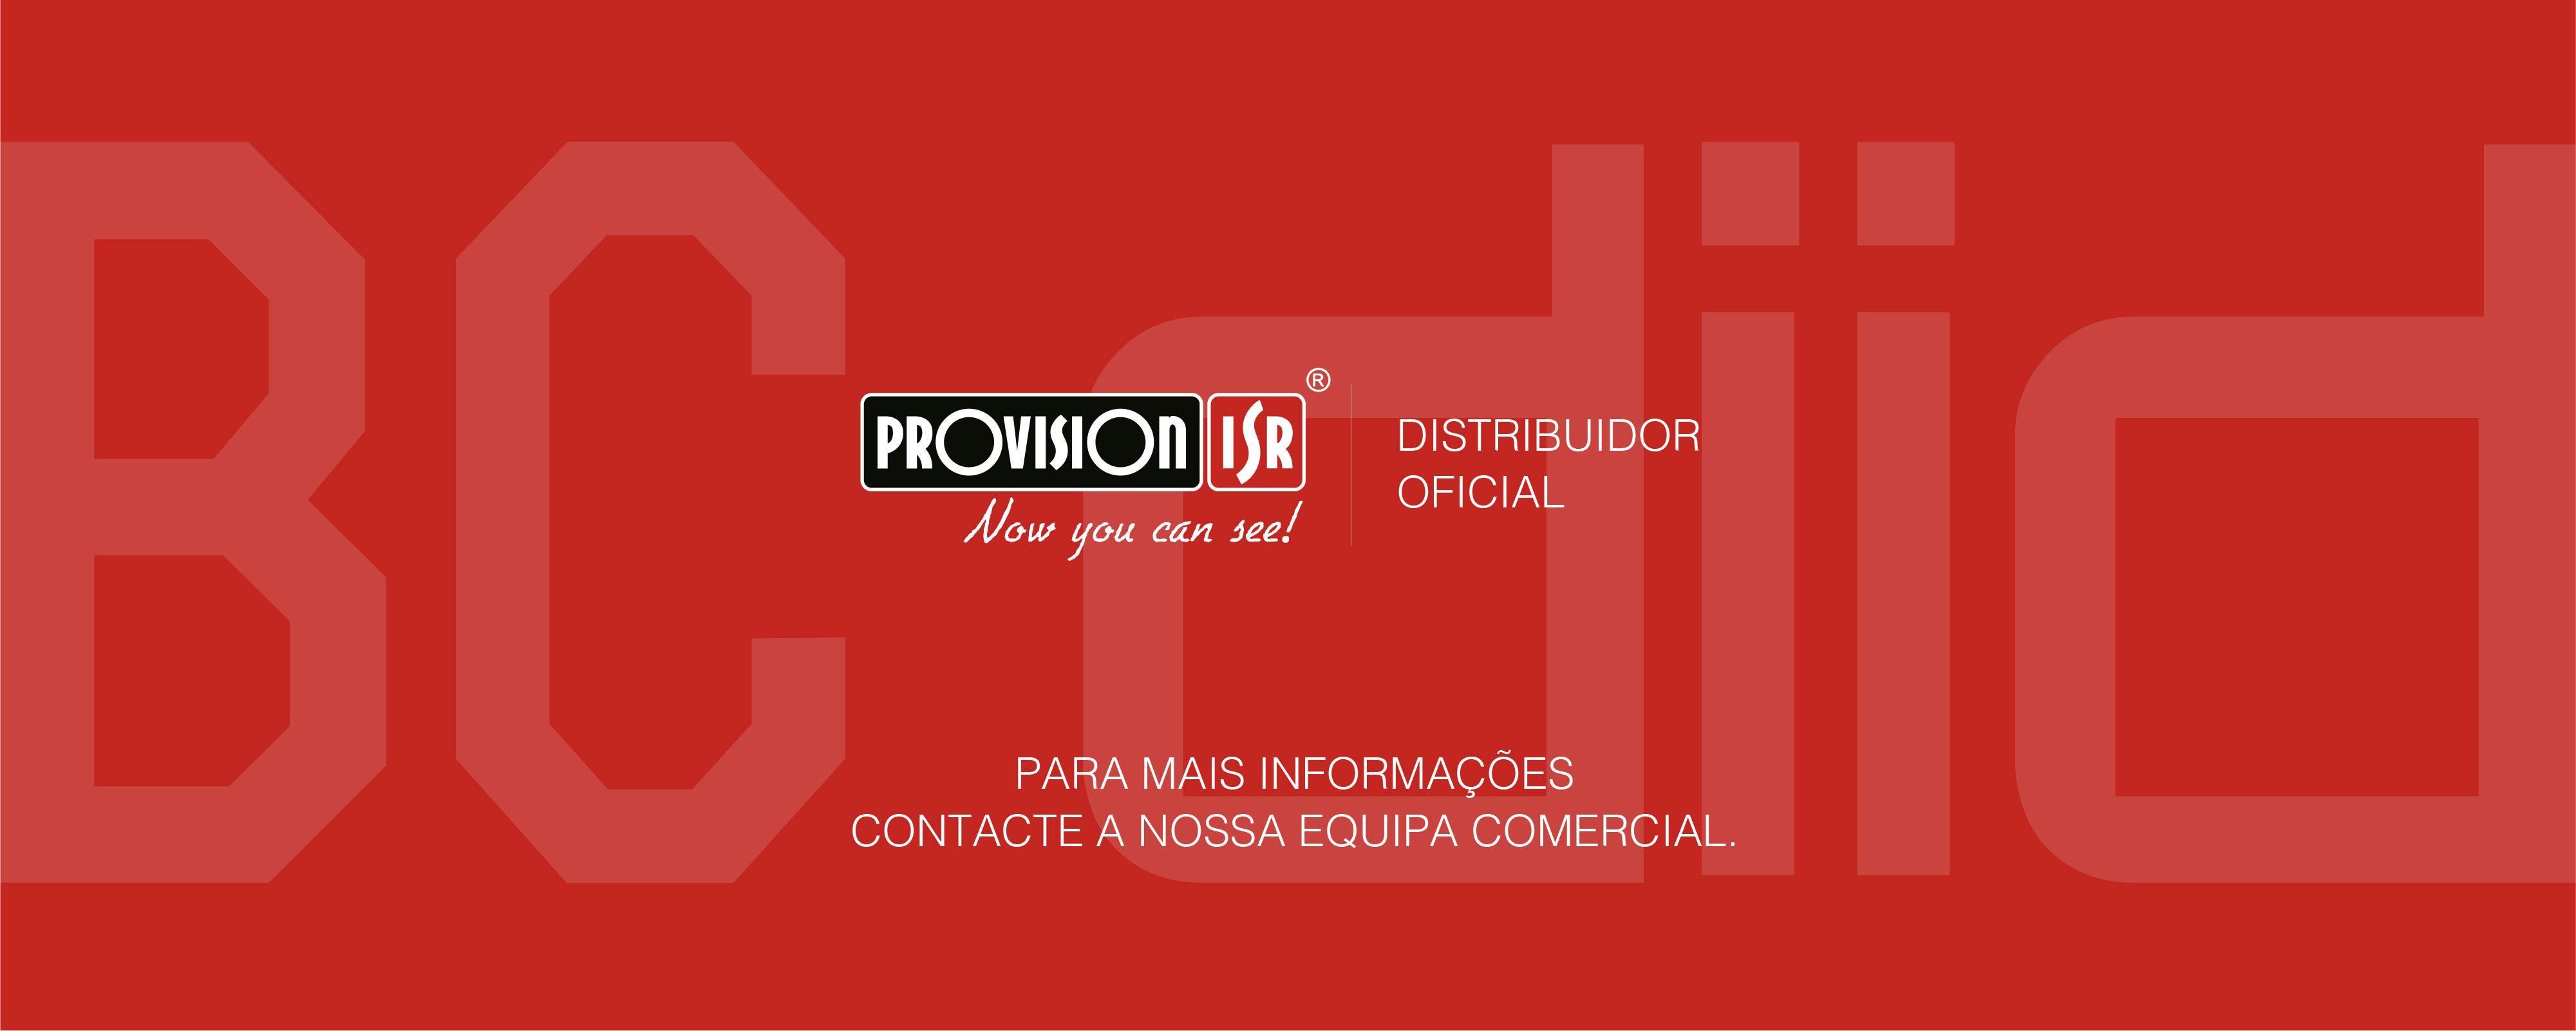 Distribuidor Provision